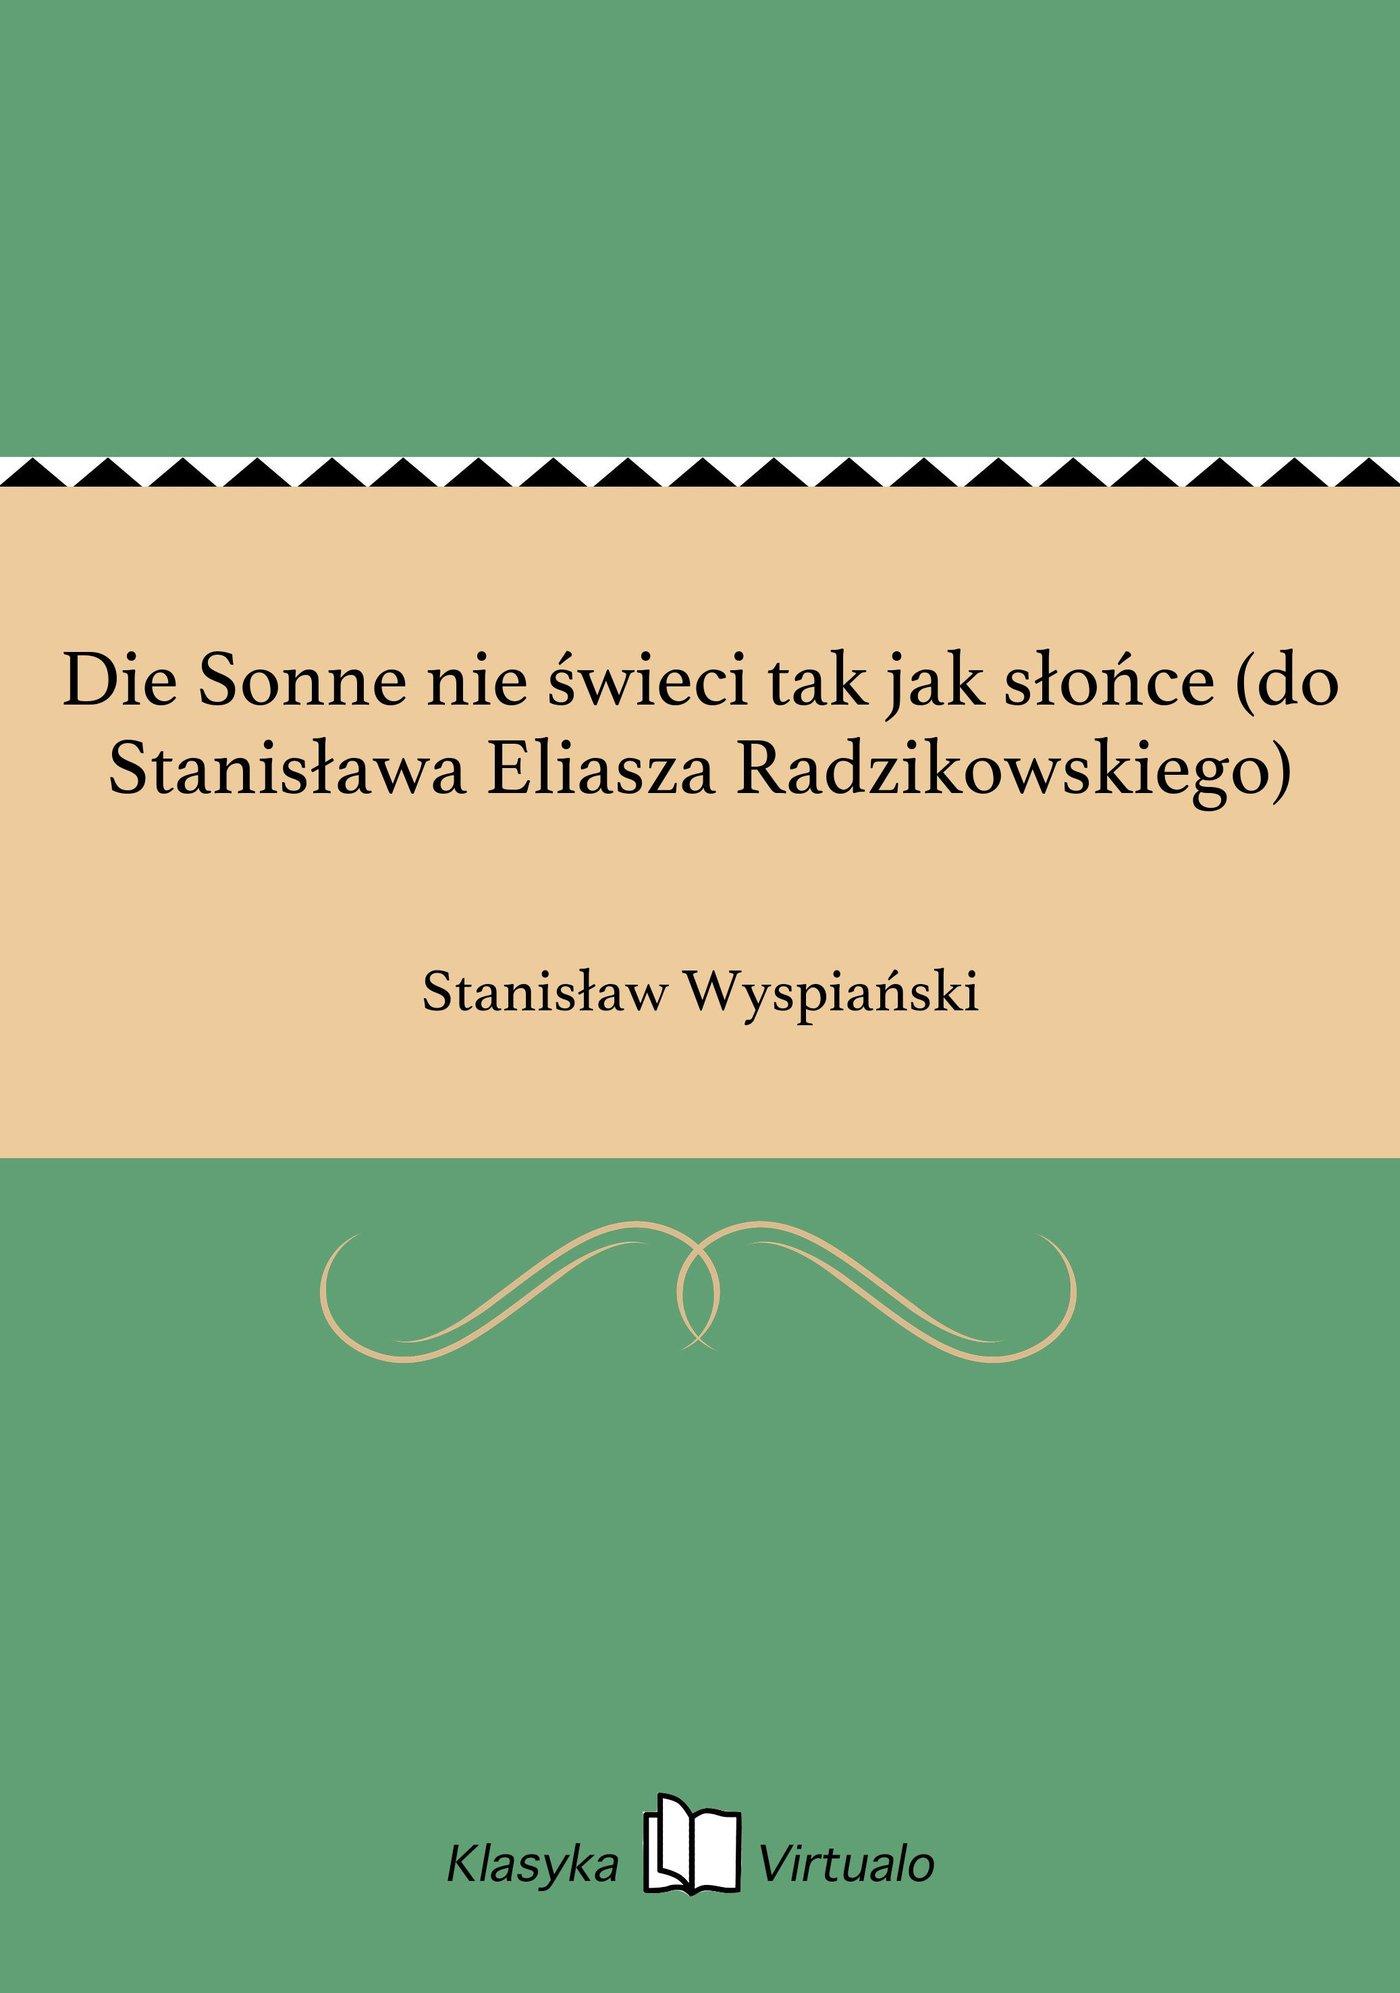 Die Sonne nie świeci tak jak słońce (do Stanisława Eliasza Radzikowskiego) - Ebook (Książka EPUB) do pobrania w formacie EPUB